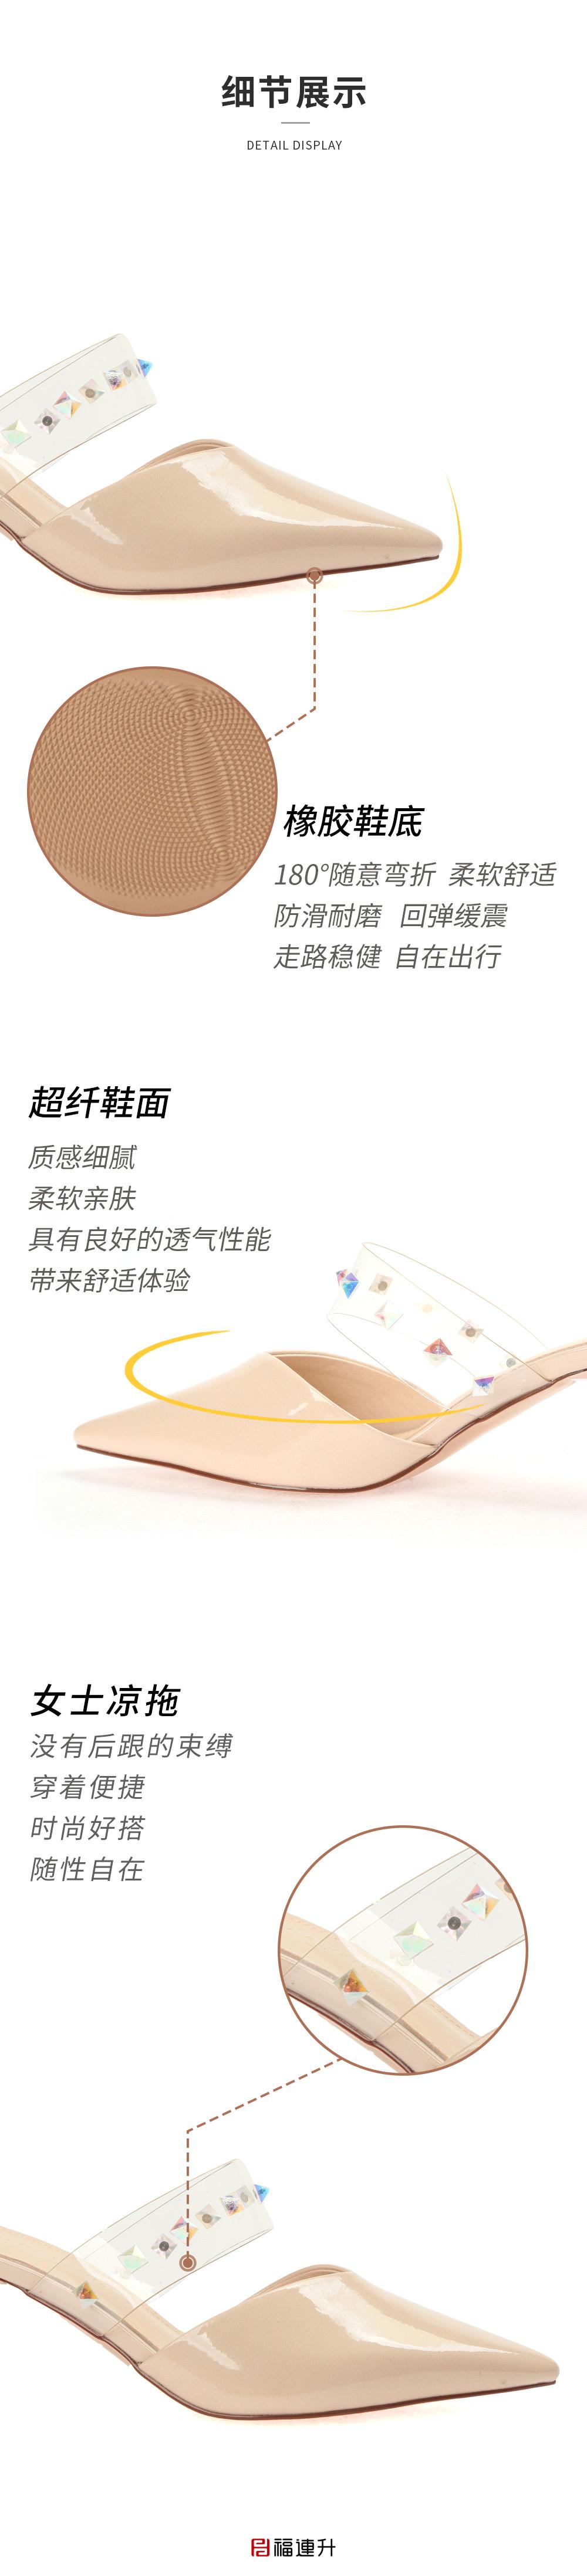 福连升夏女外穿一字带女鞋 时尚中跟性感凉拖鞋图片